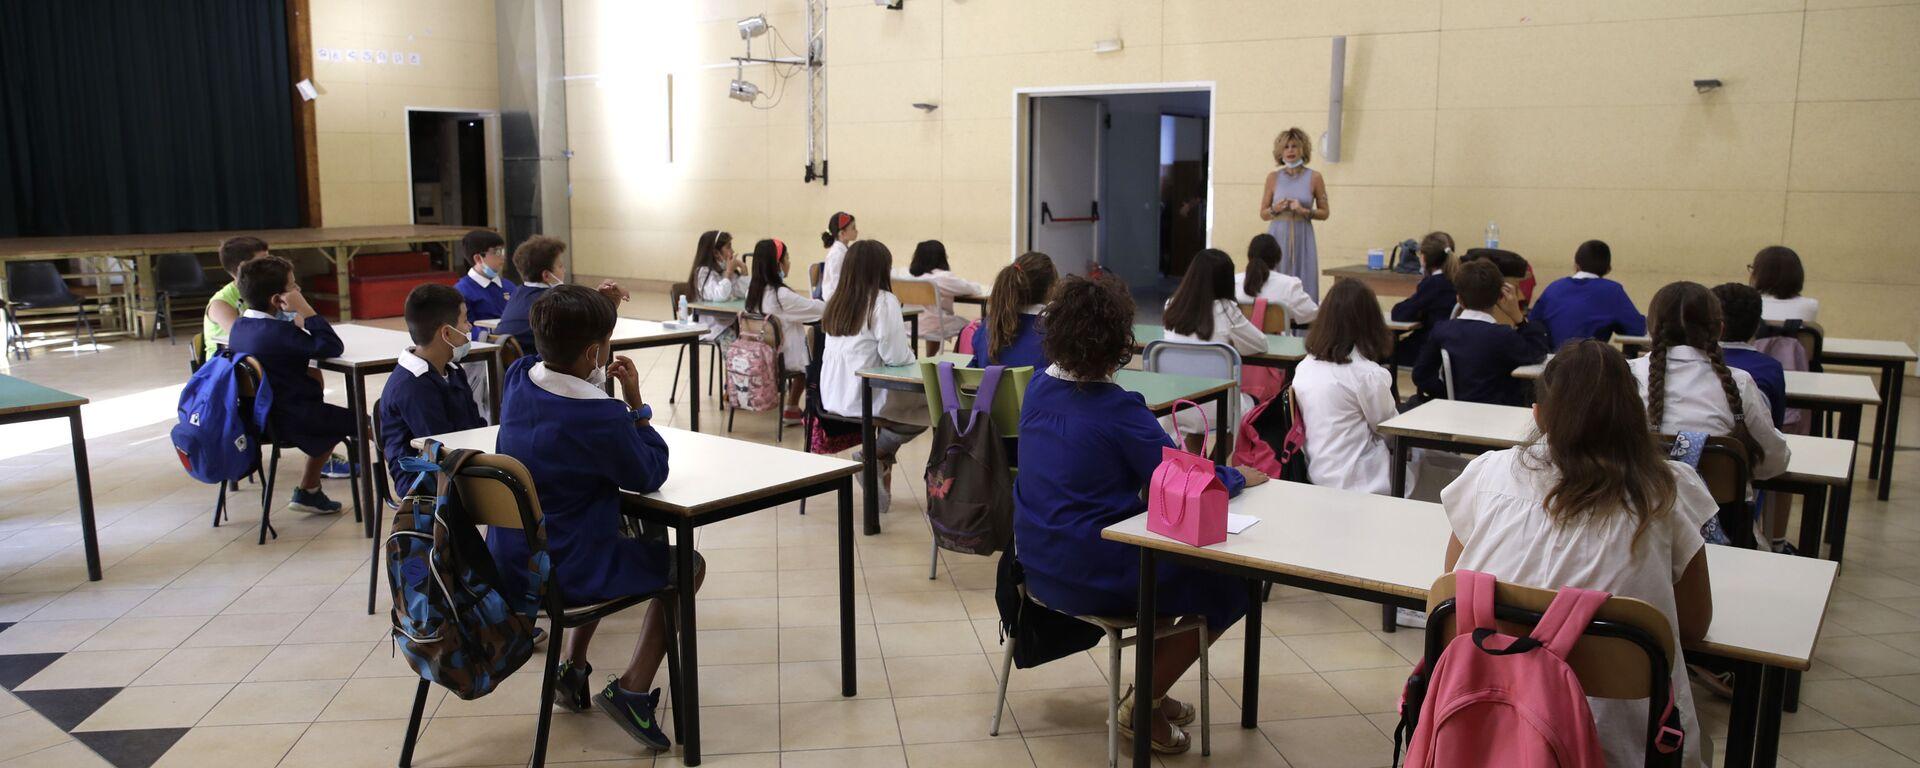 Lezione in una delle scuole a Roma dopo la riapertura, Italia - Sputnik Italia, 1920, 01.04.2021